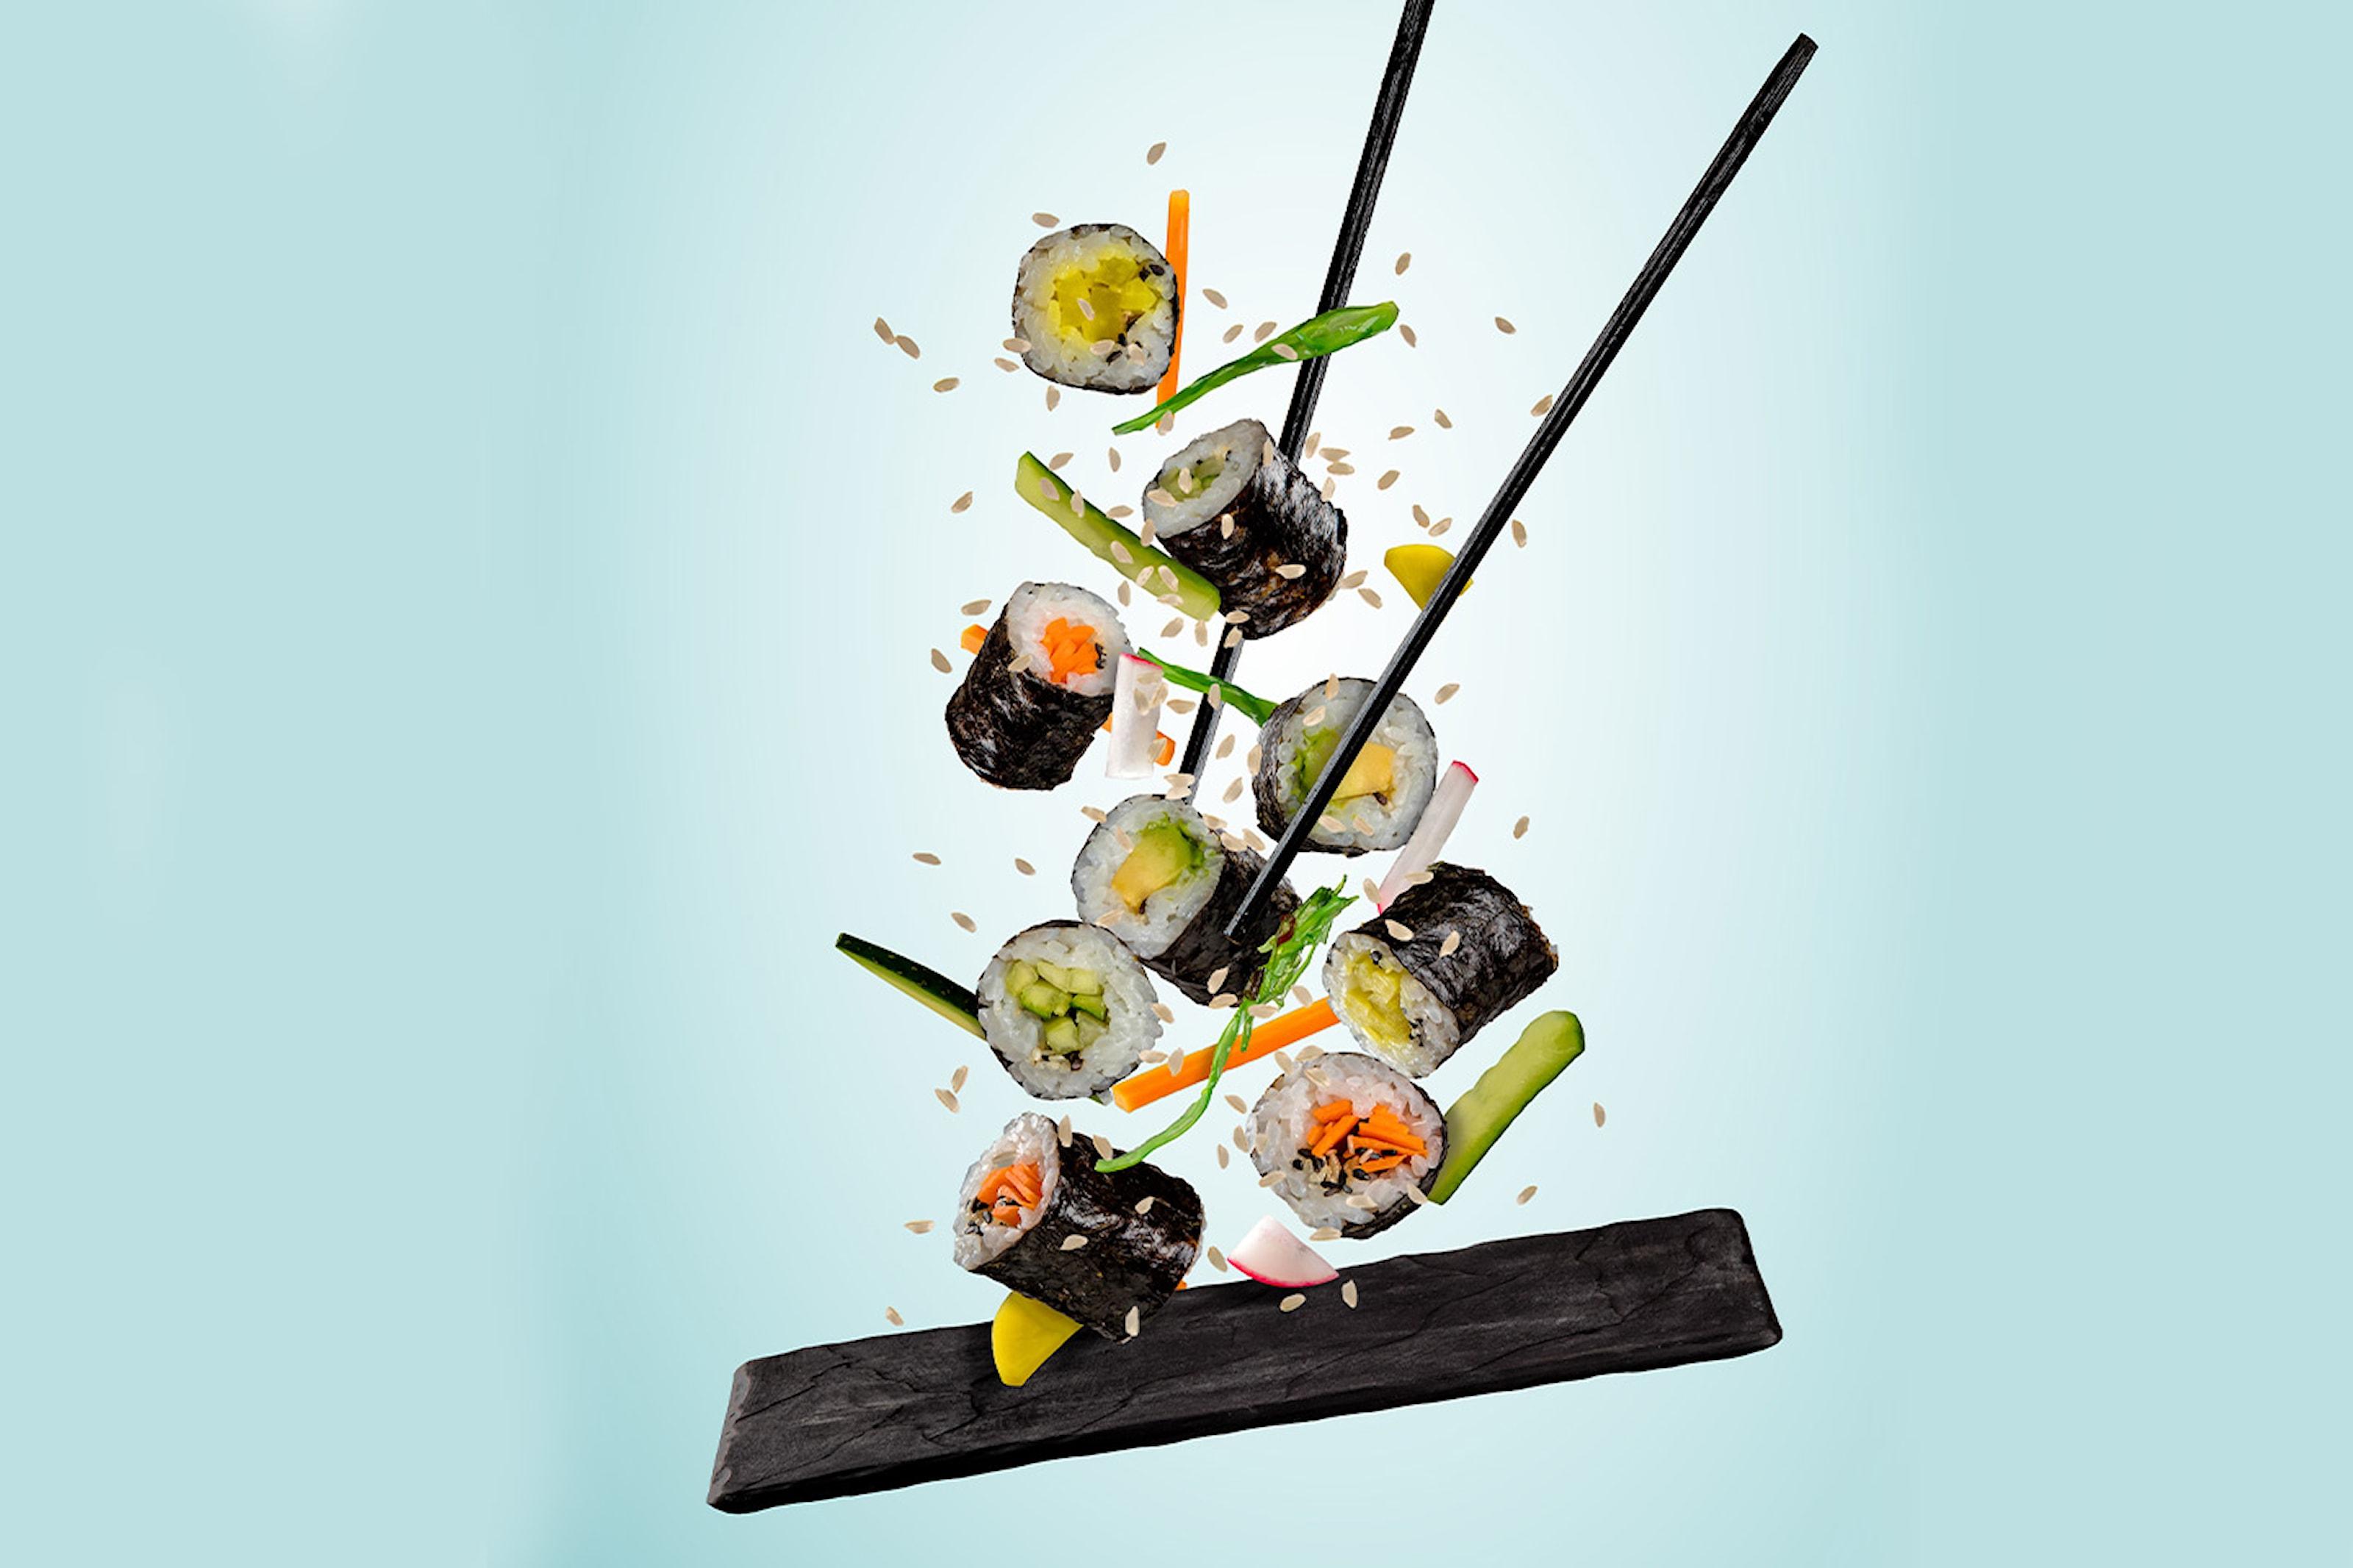 Åpningstilbud! Takeaway hos TNT sushi